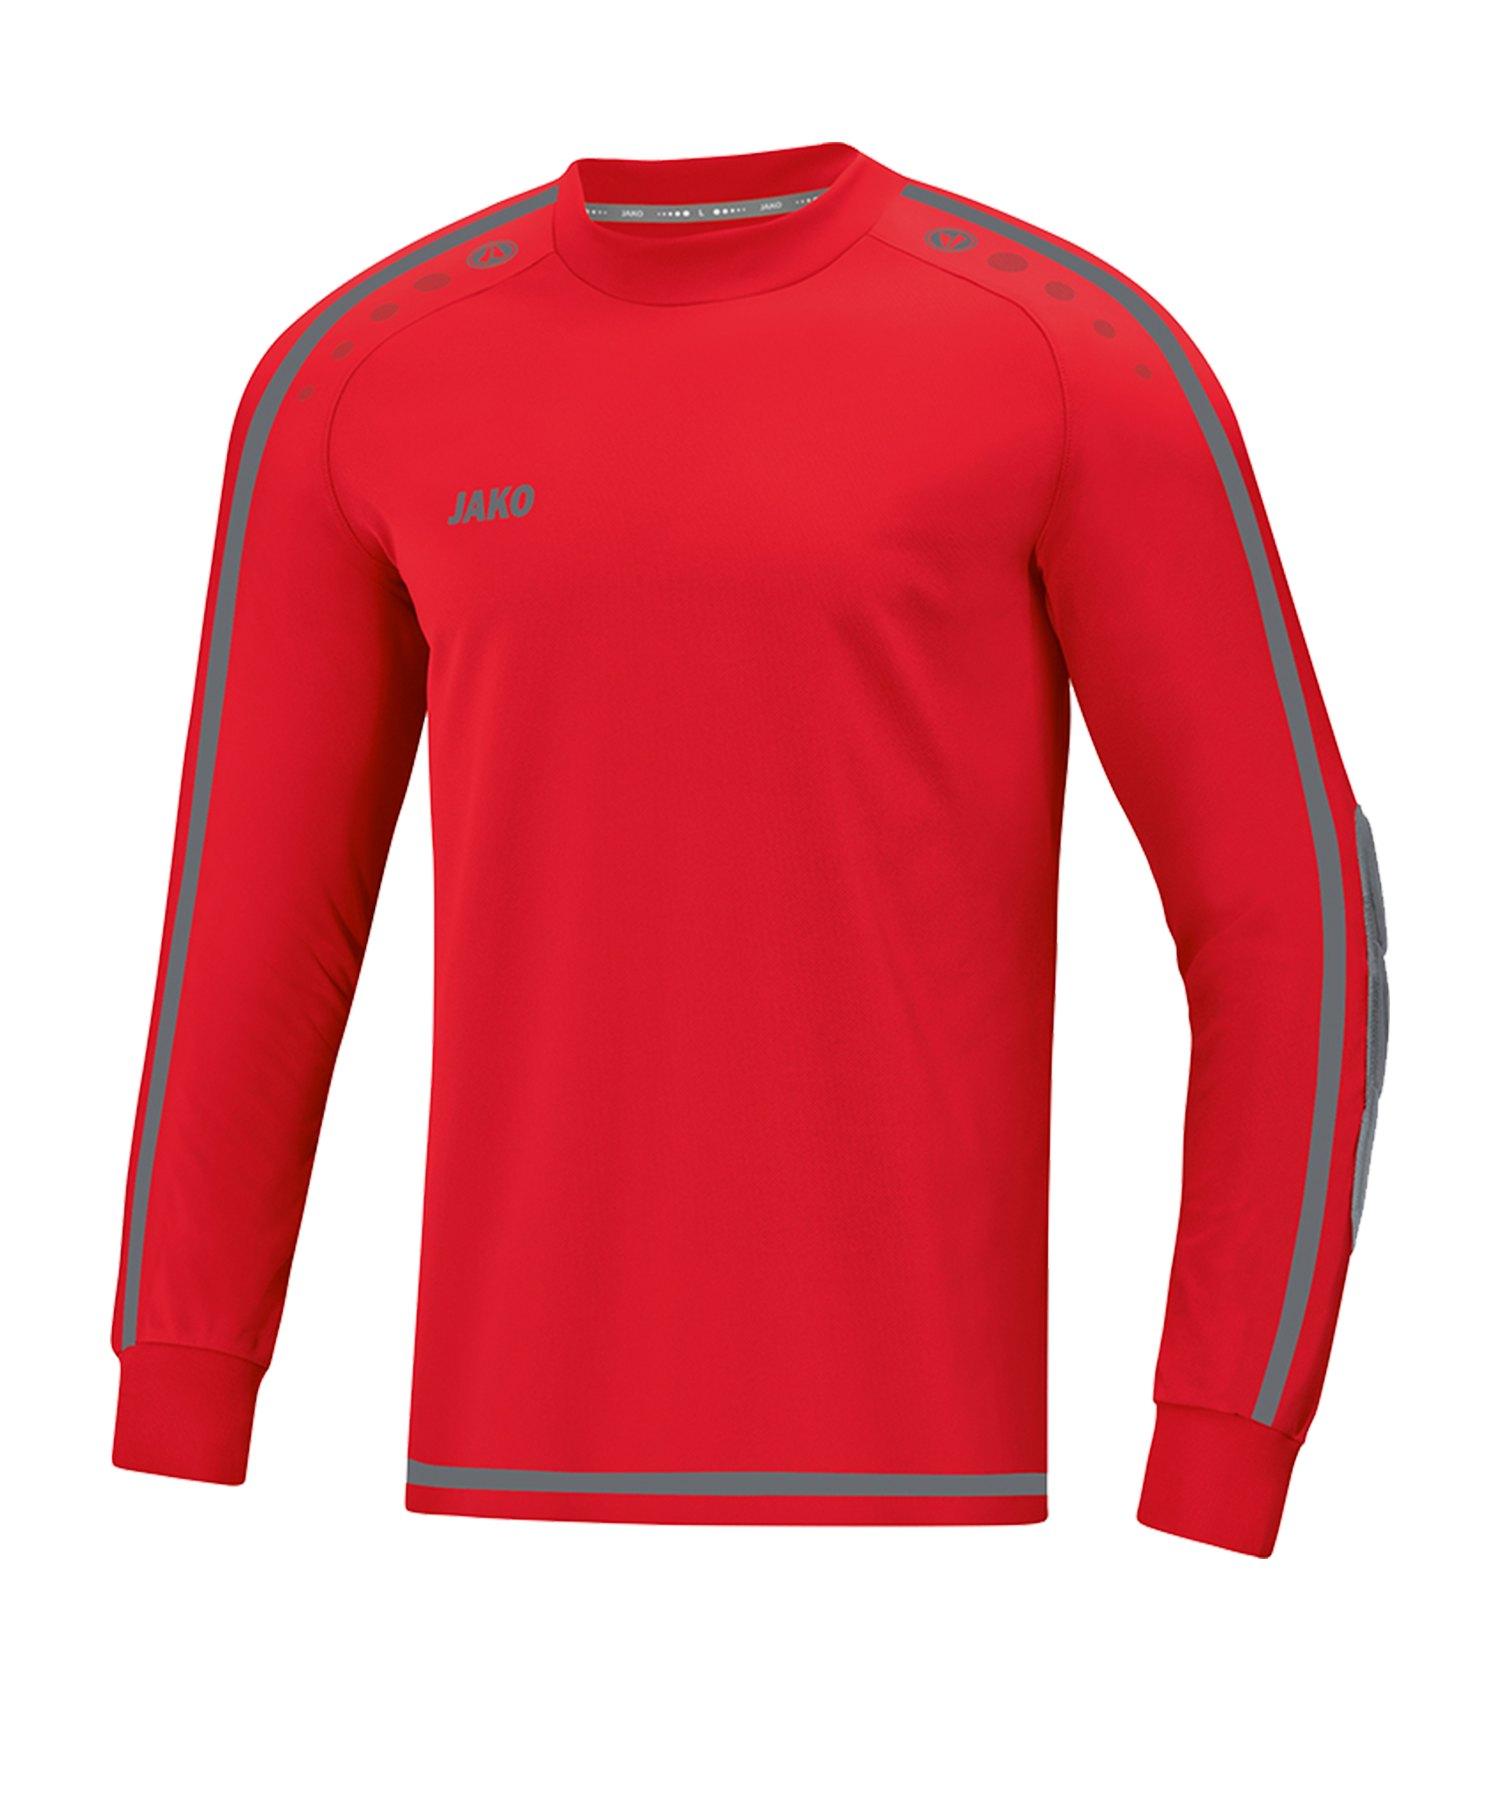 Jako Striker 2.0 Torwarttrikot Rot Grau F01 - Rot